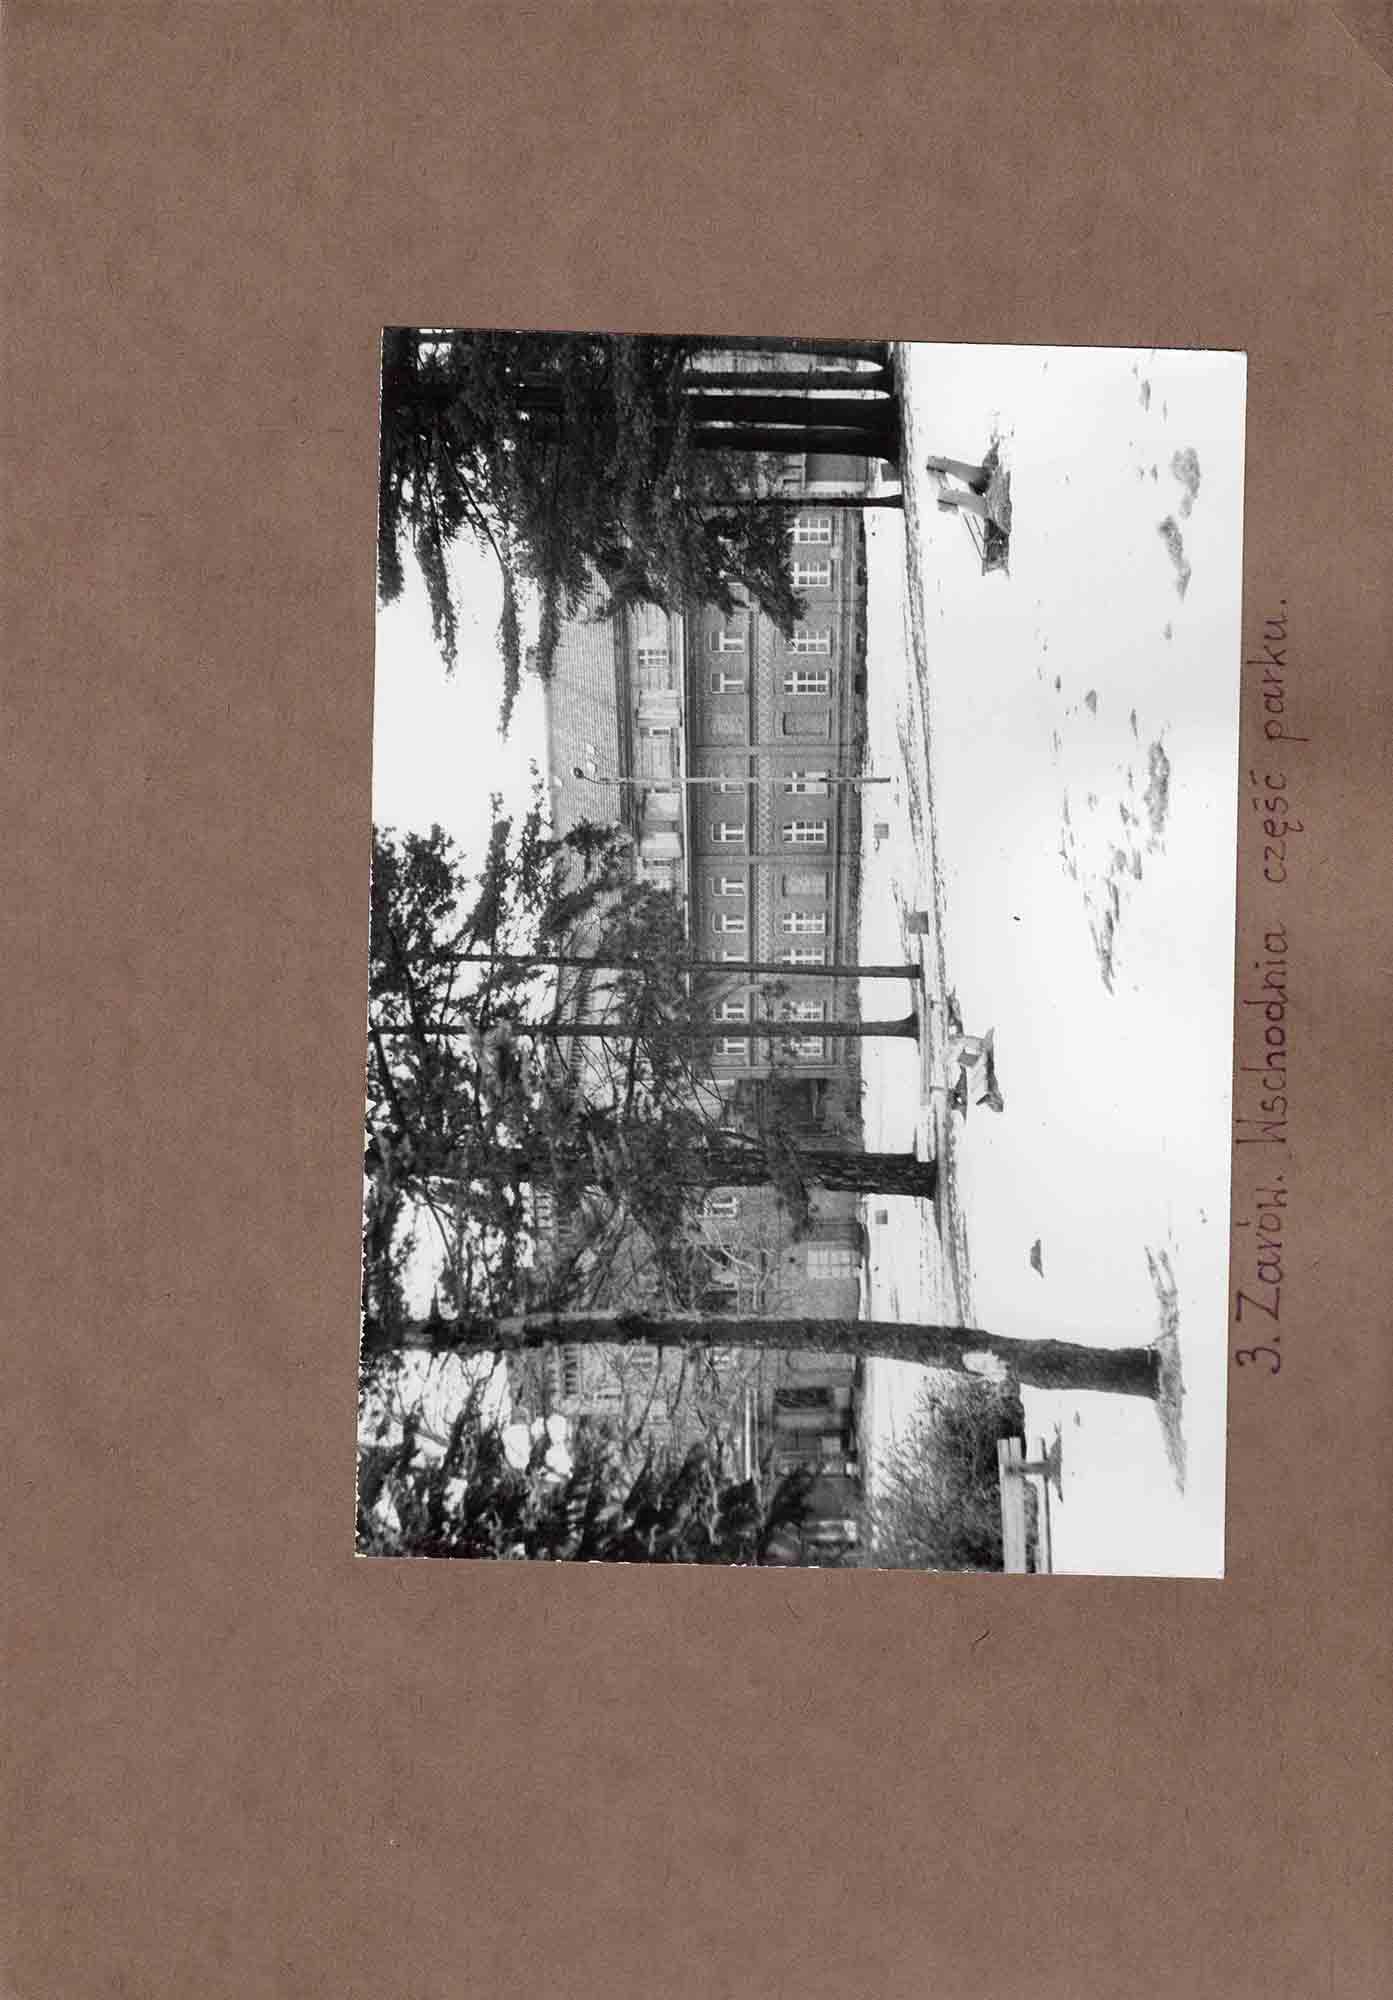 Ewidencja założenia ogrodowo-parkowego 1987 dokument (17)